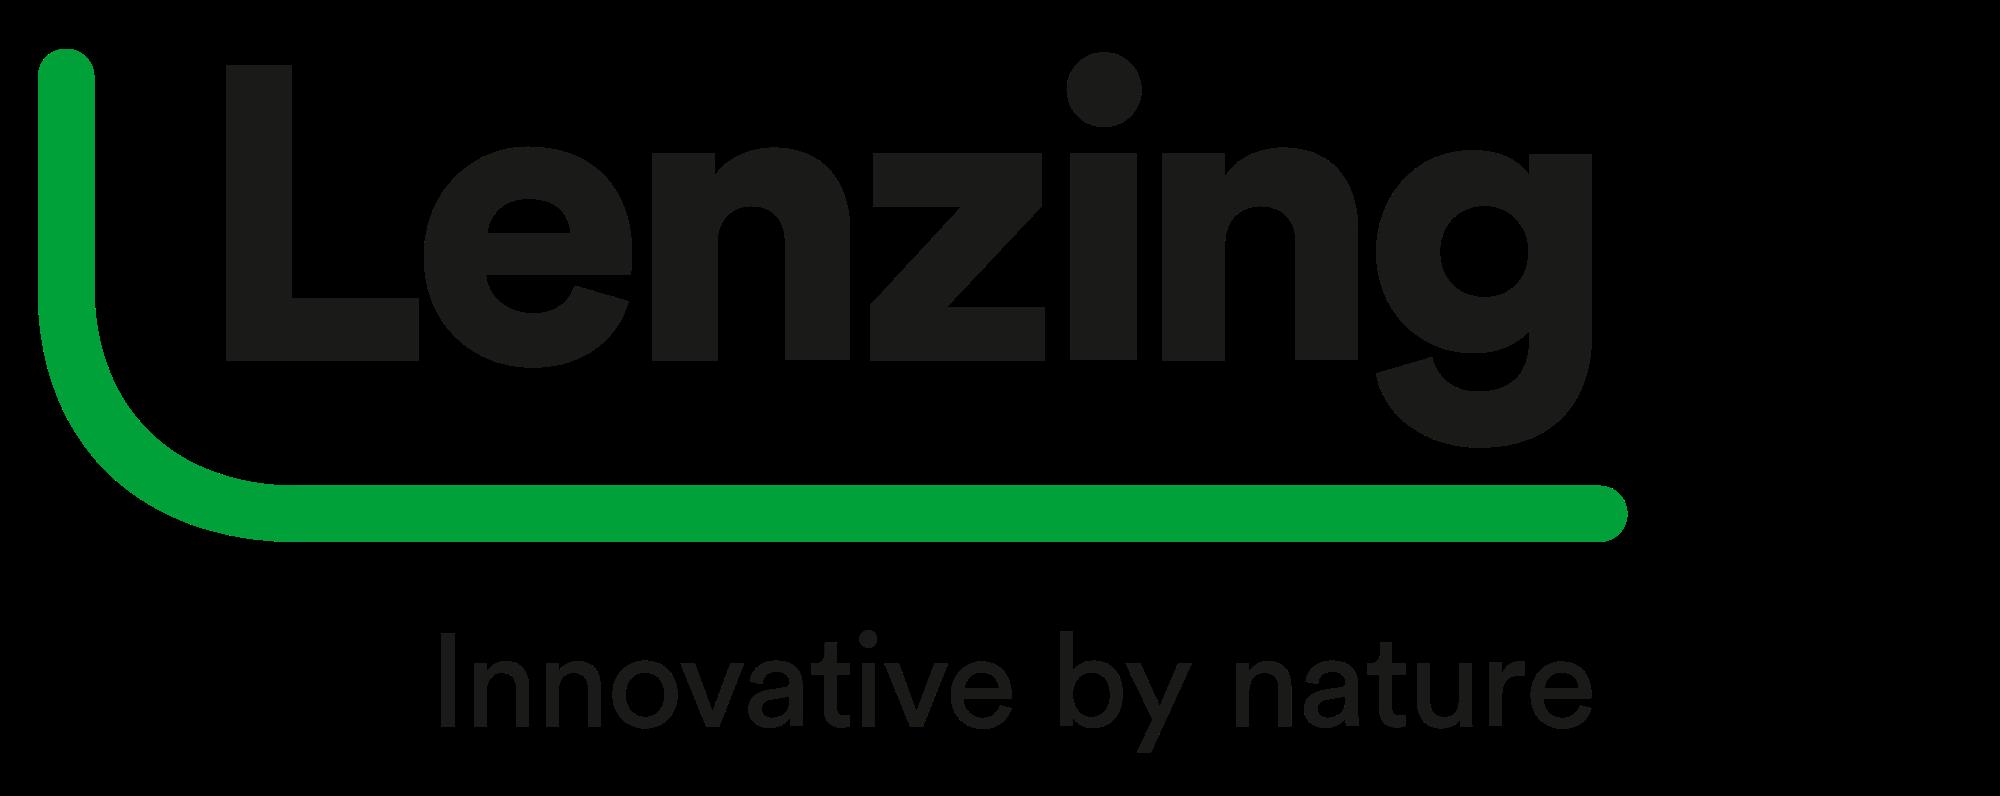 Referenzen - Referenz Lenzing, Positioning mit Mag. Lorenz Wied, MBA